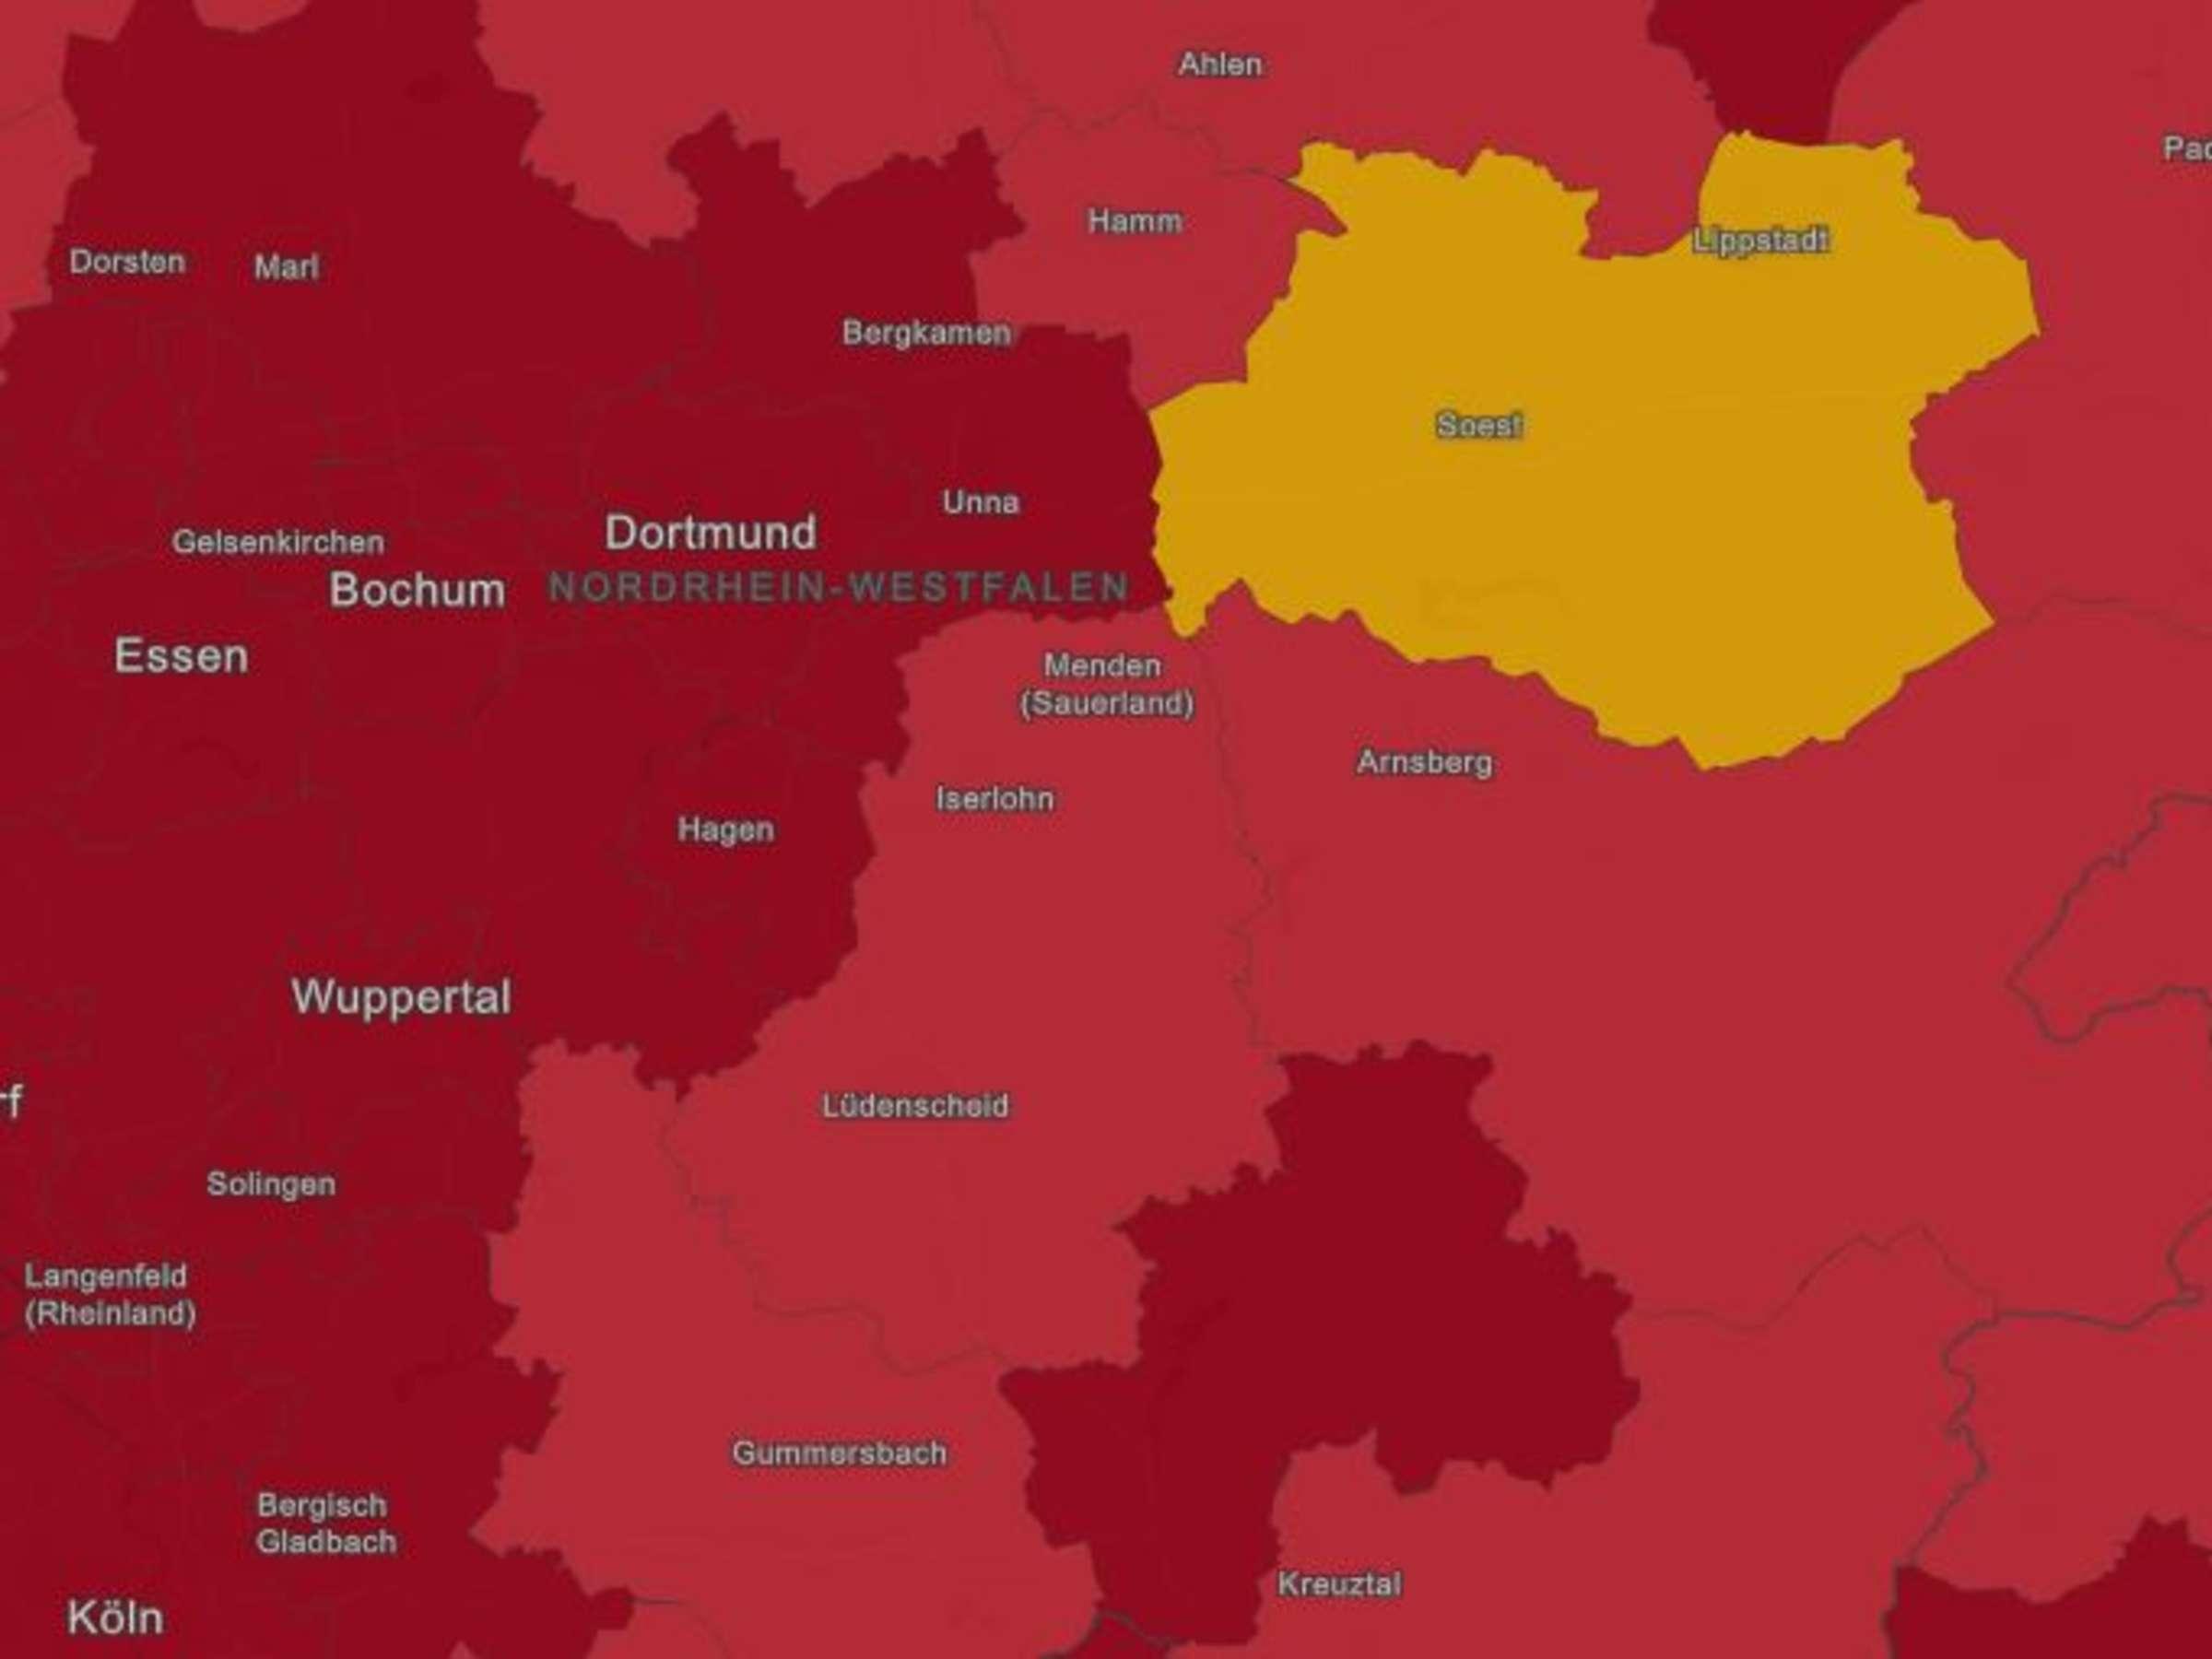 Corona Im Mk Inzidenz Fast Bei 100 Lokale Zahlen Infektionen In 14 Pflegeheimen Kreis Und Region